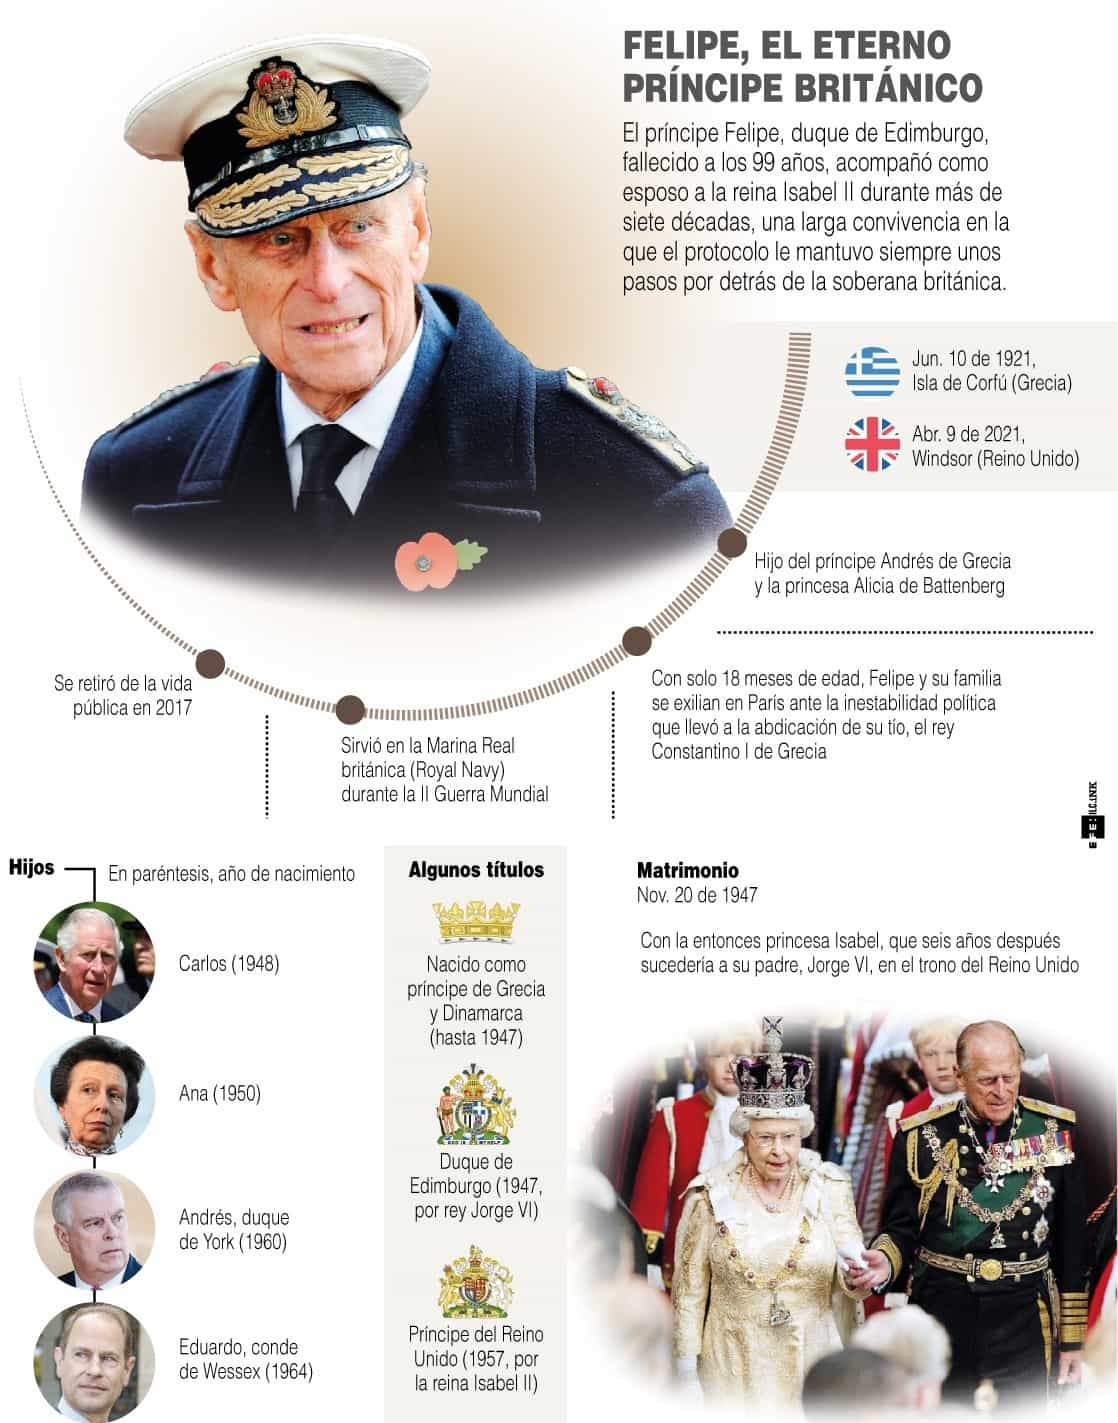 [Infografía] - Felipe, el eterno príncipe británico 1